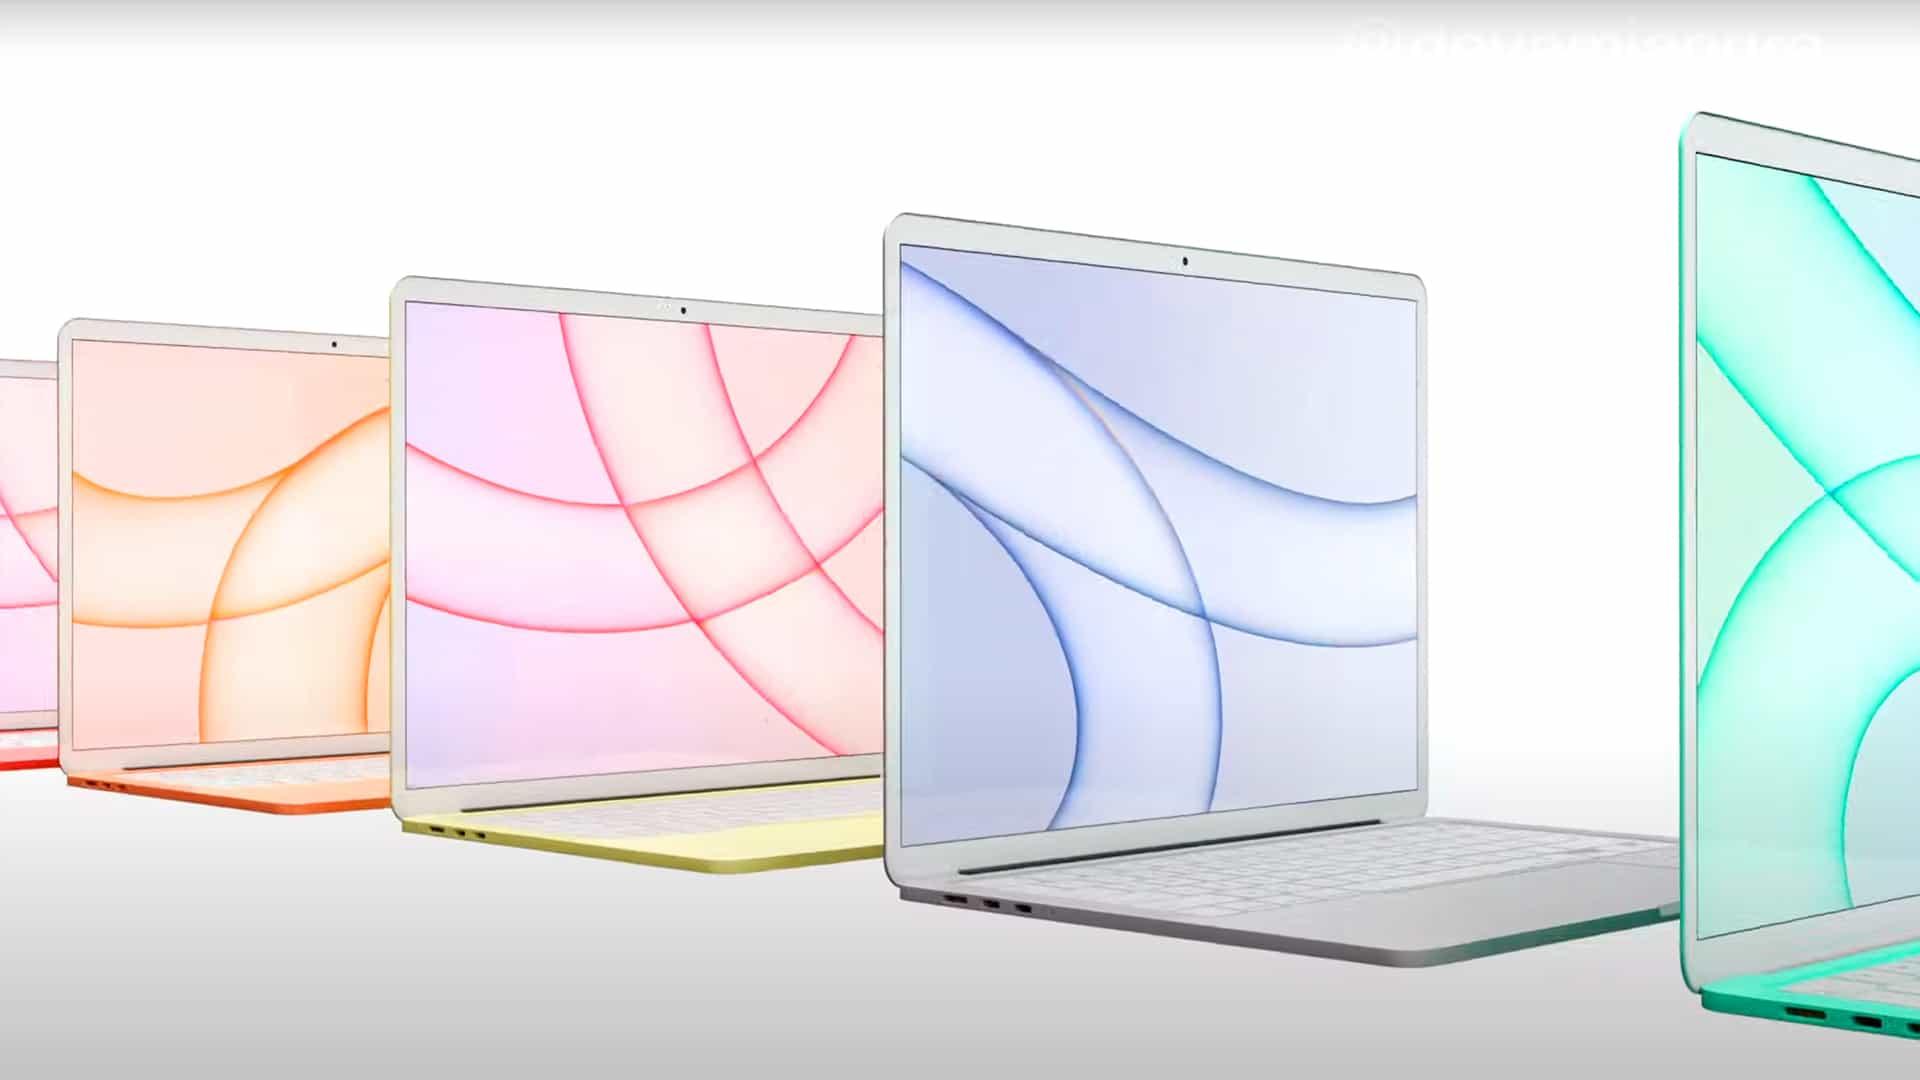 La próxima MacBook Air podría ser el rediseño más radical de Apple hasta la fecha